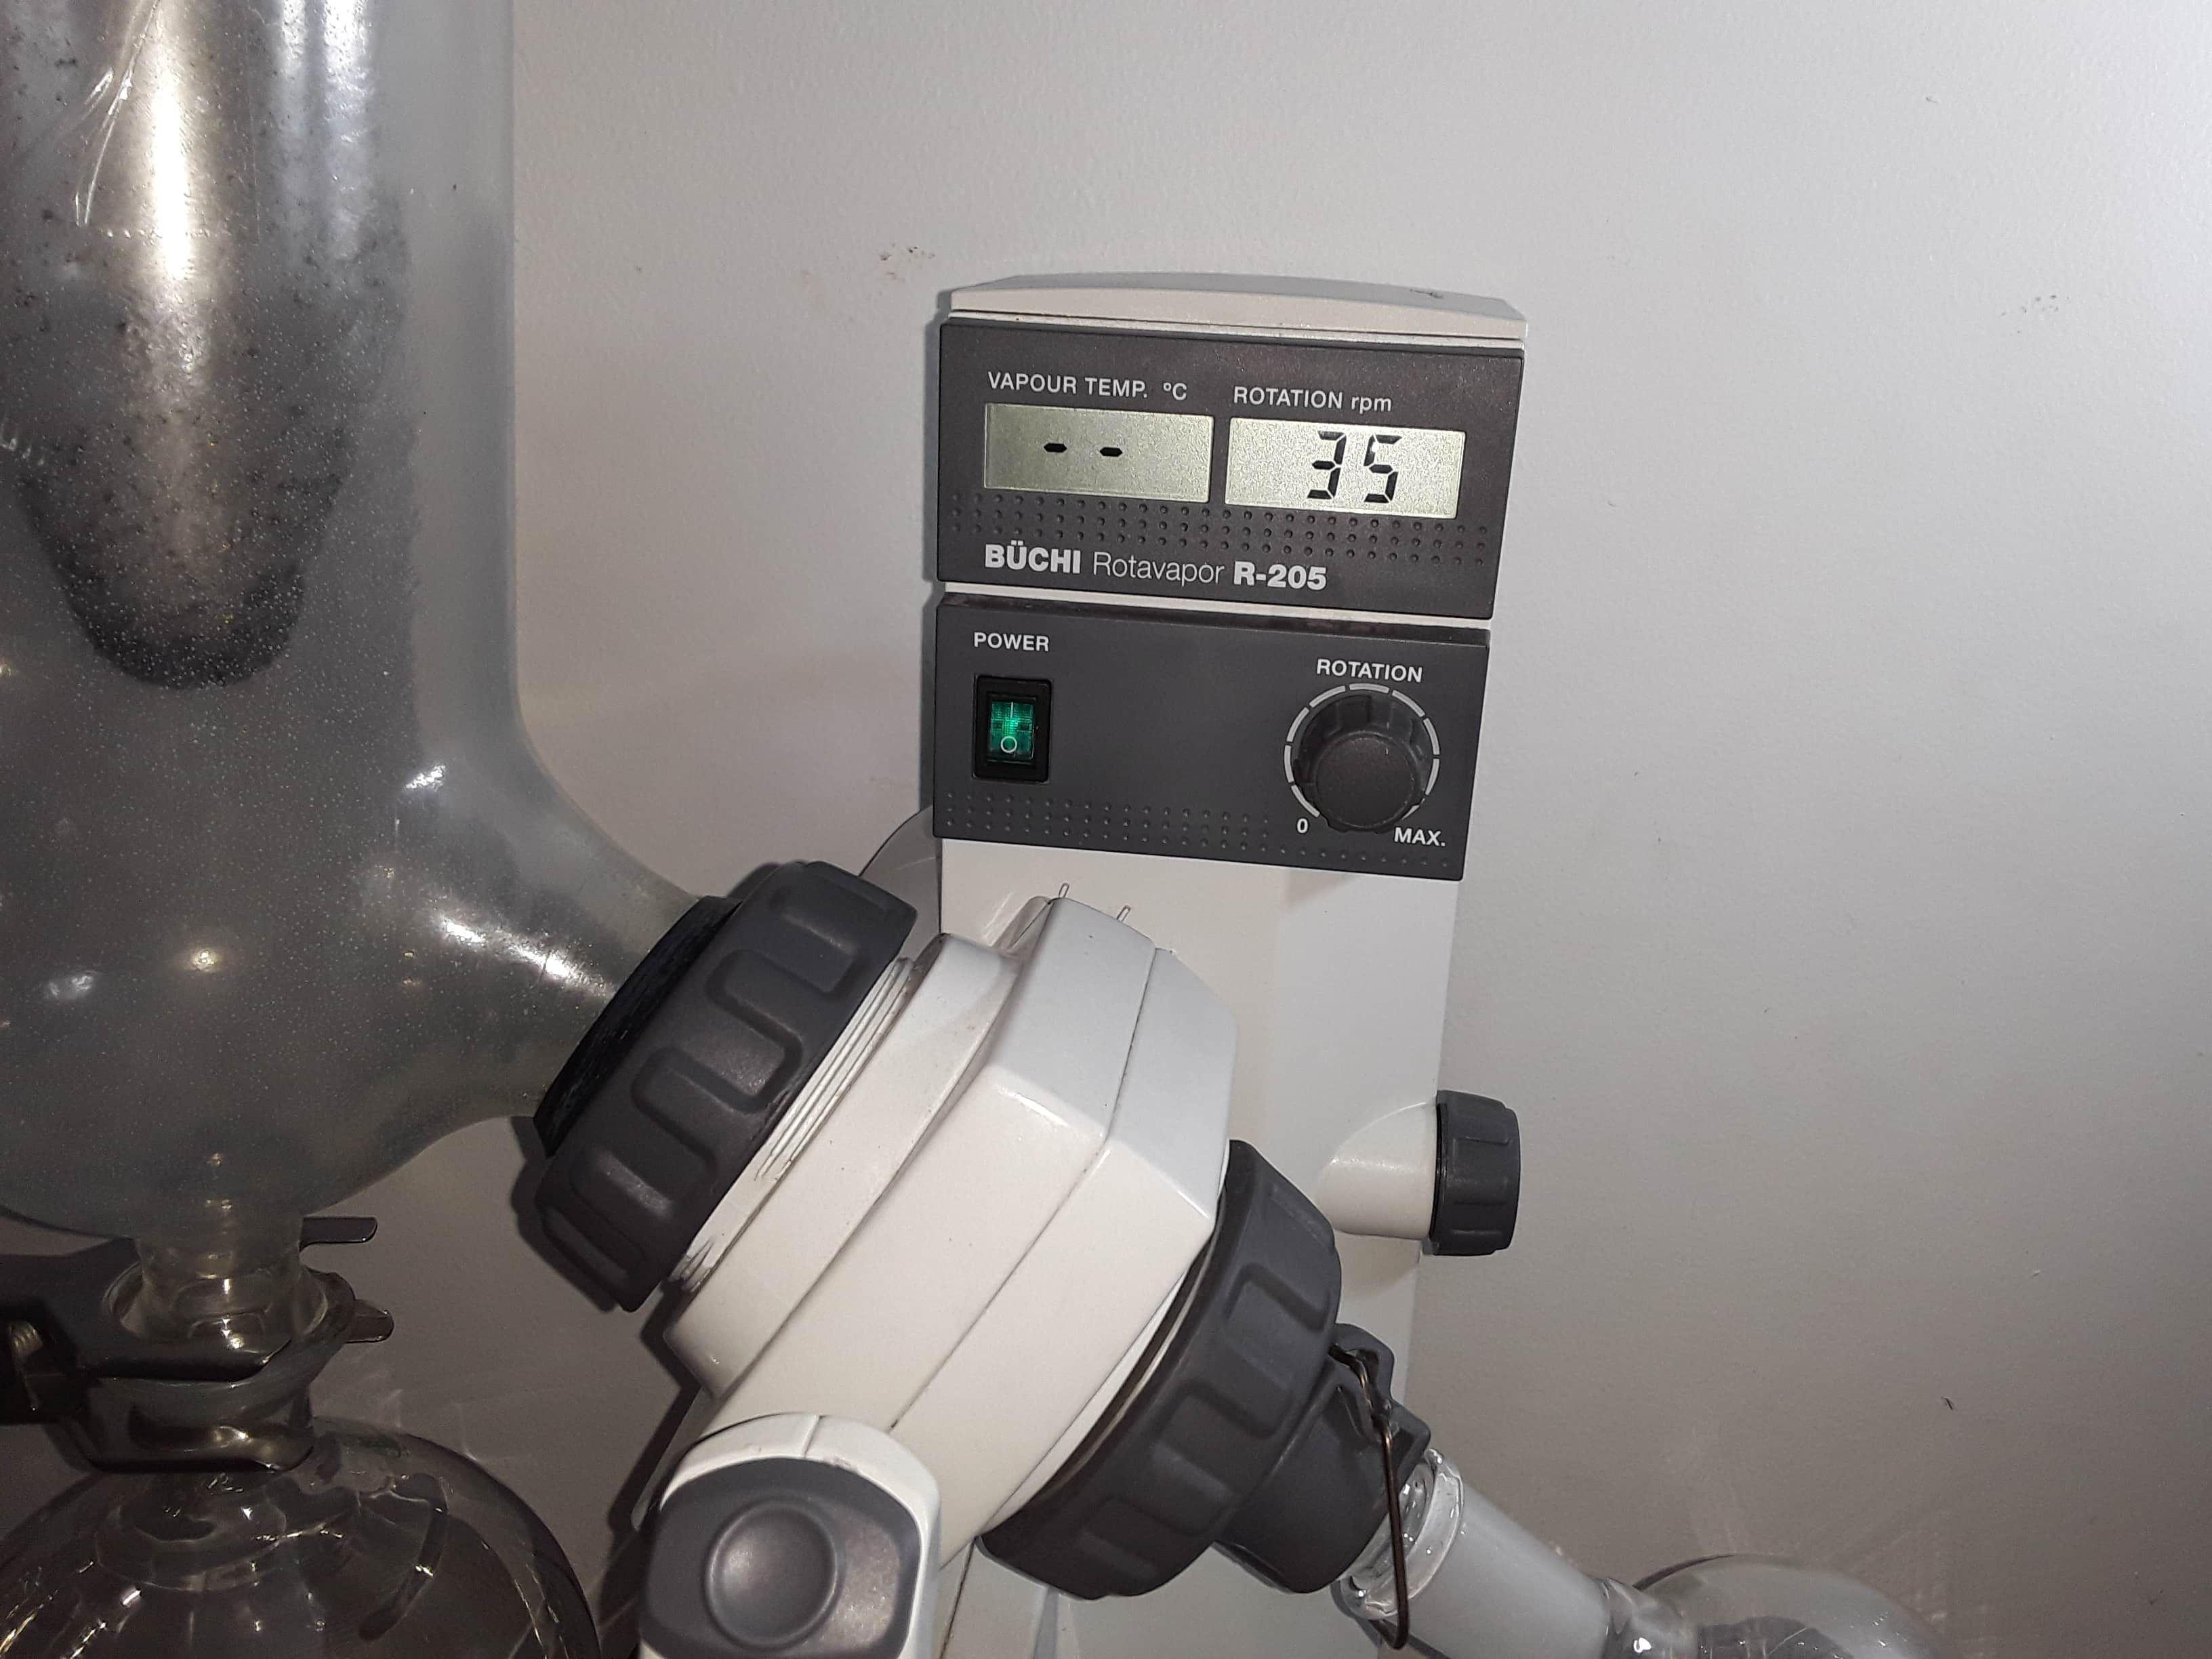 DIGITAL BUCHI ROTAVAPOR R-205 SYSTEM